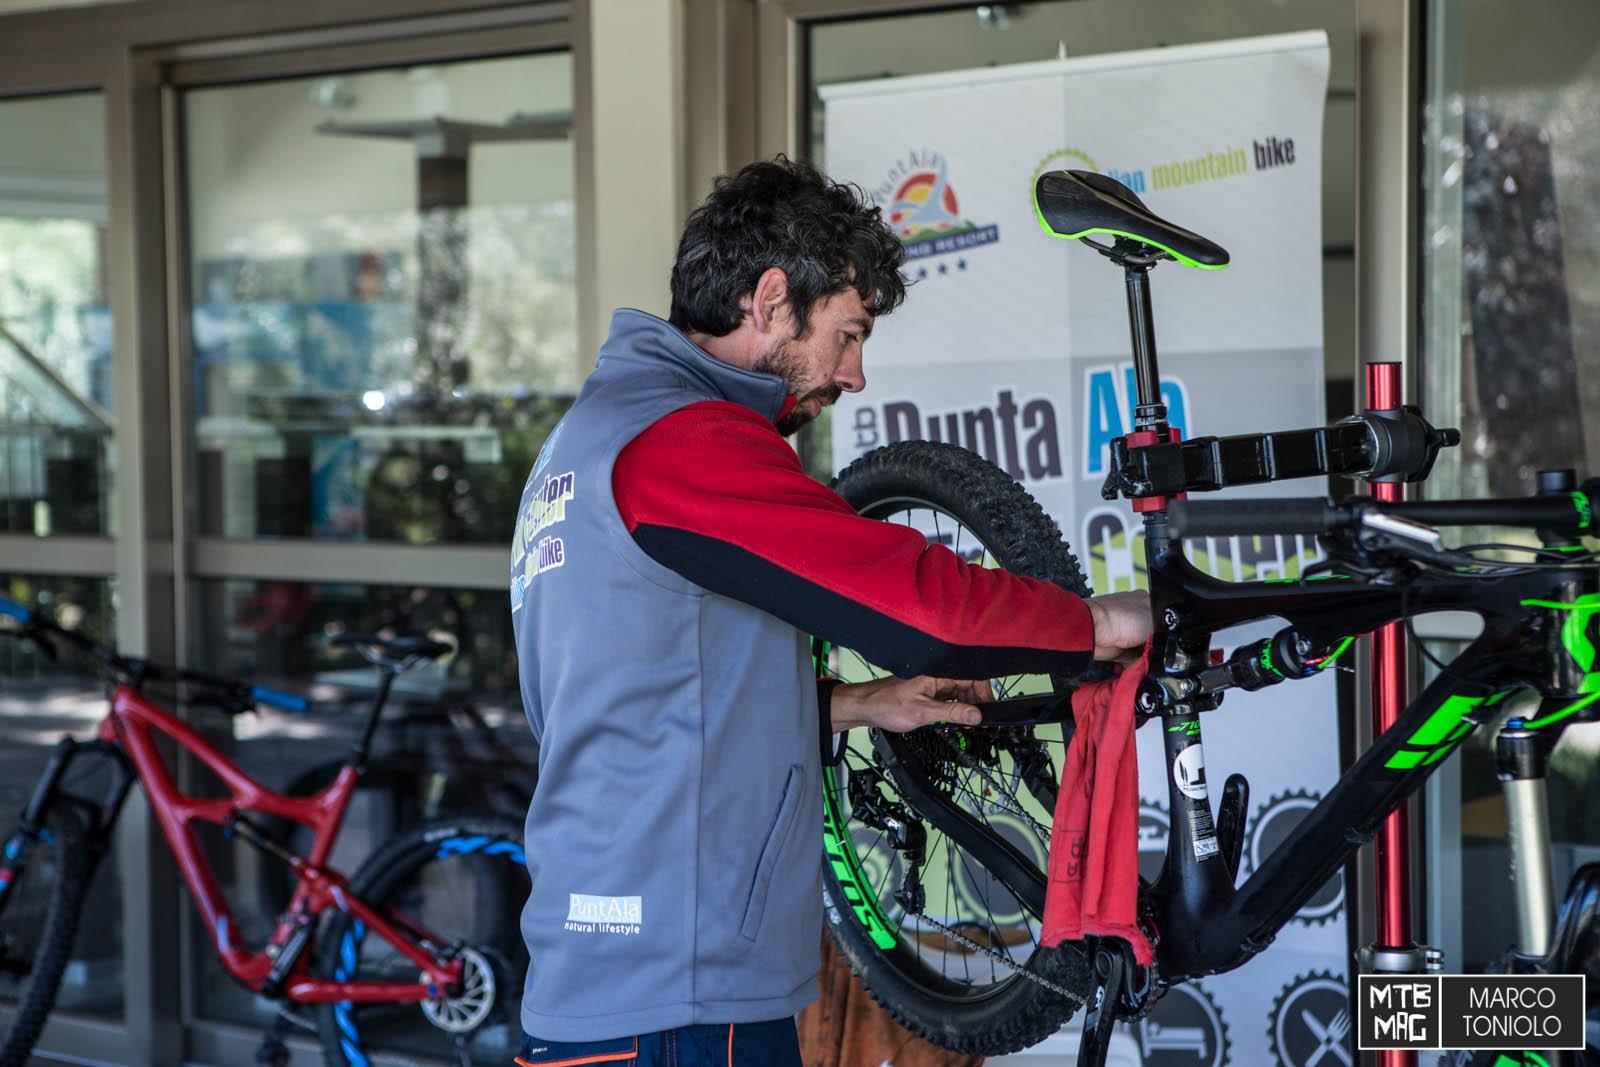 Davide Brugnoli si è occupato della cura delle bici. Lavora come meccanico nel Punta Ala Trail Center, in espansione nel 2016.